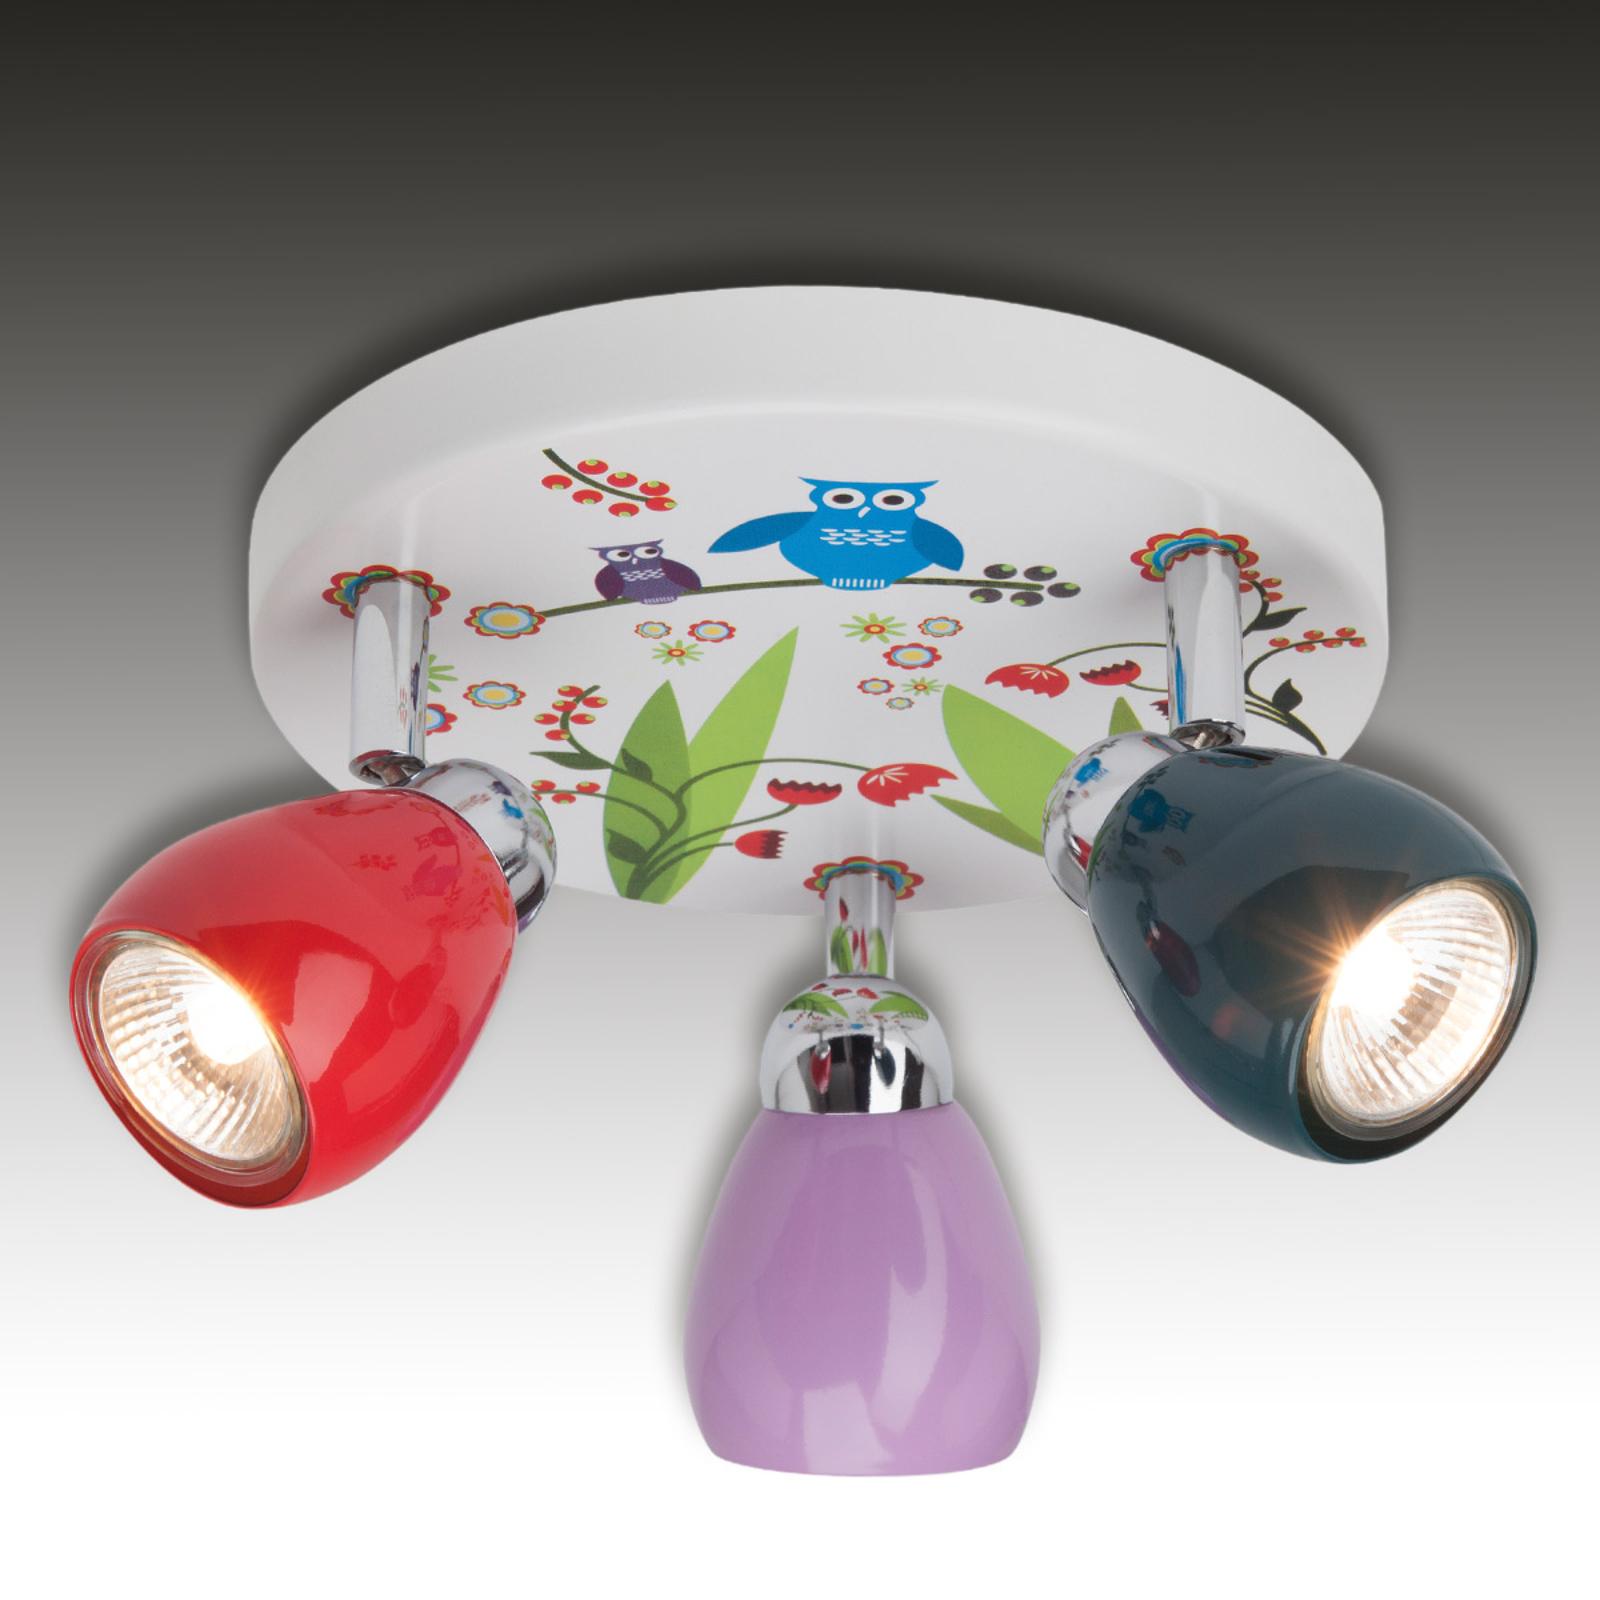 Lampa sufitowa LED Birds, 3-punktowa